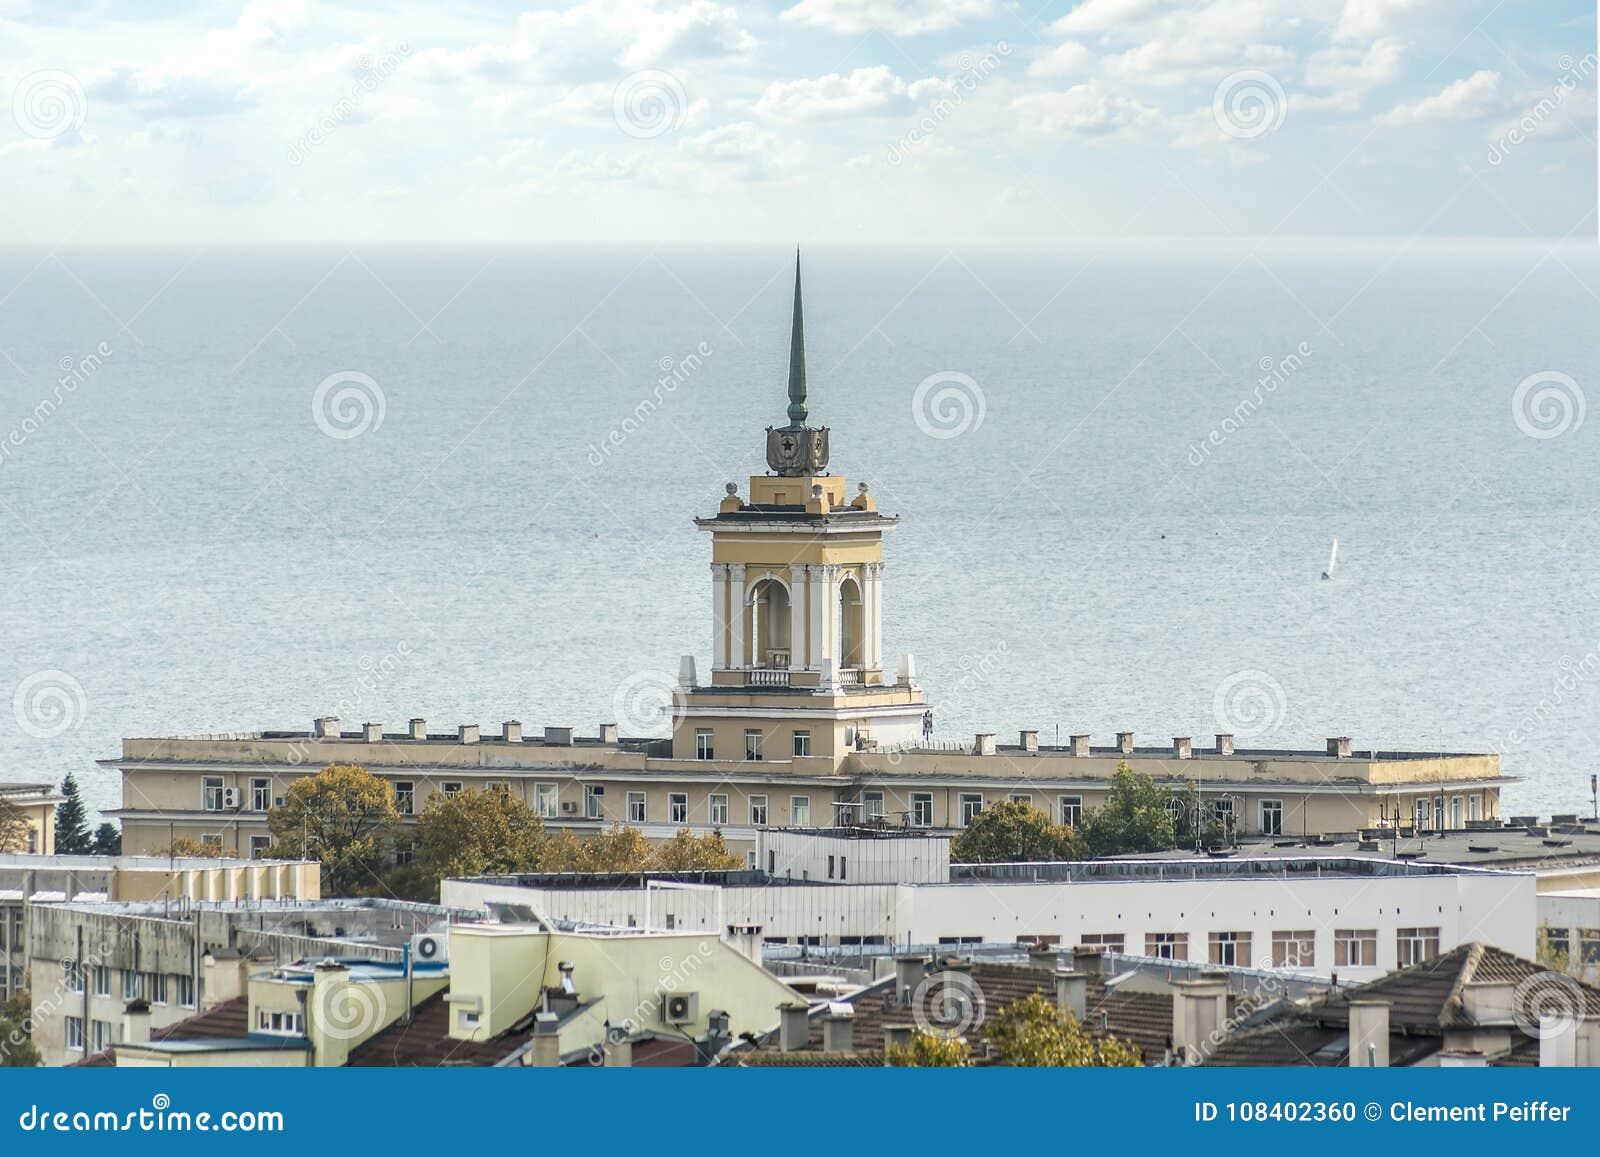 Marineschule nikola vaptsarov